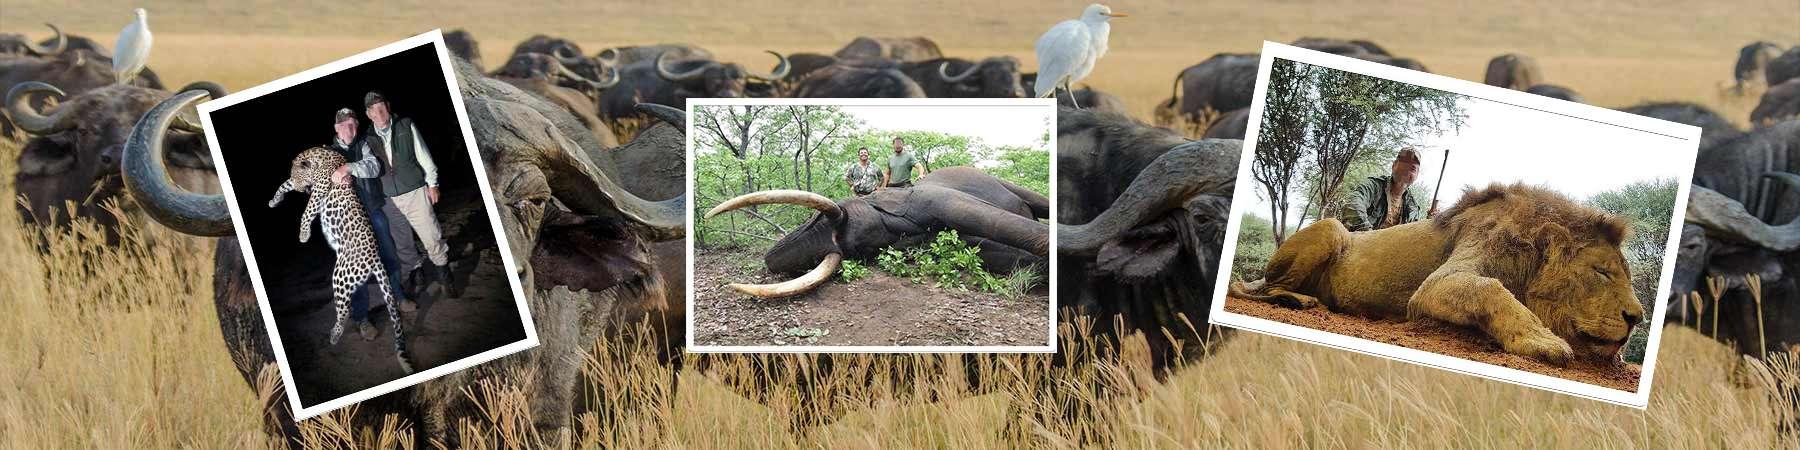 buffalo-hunting